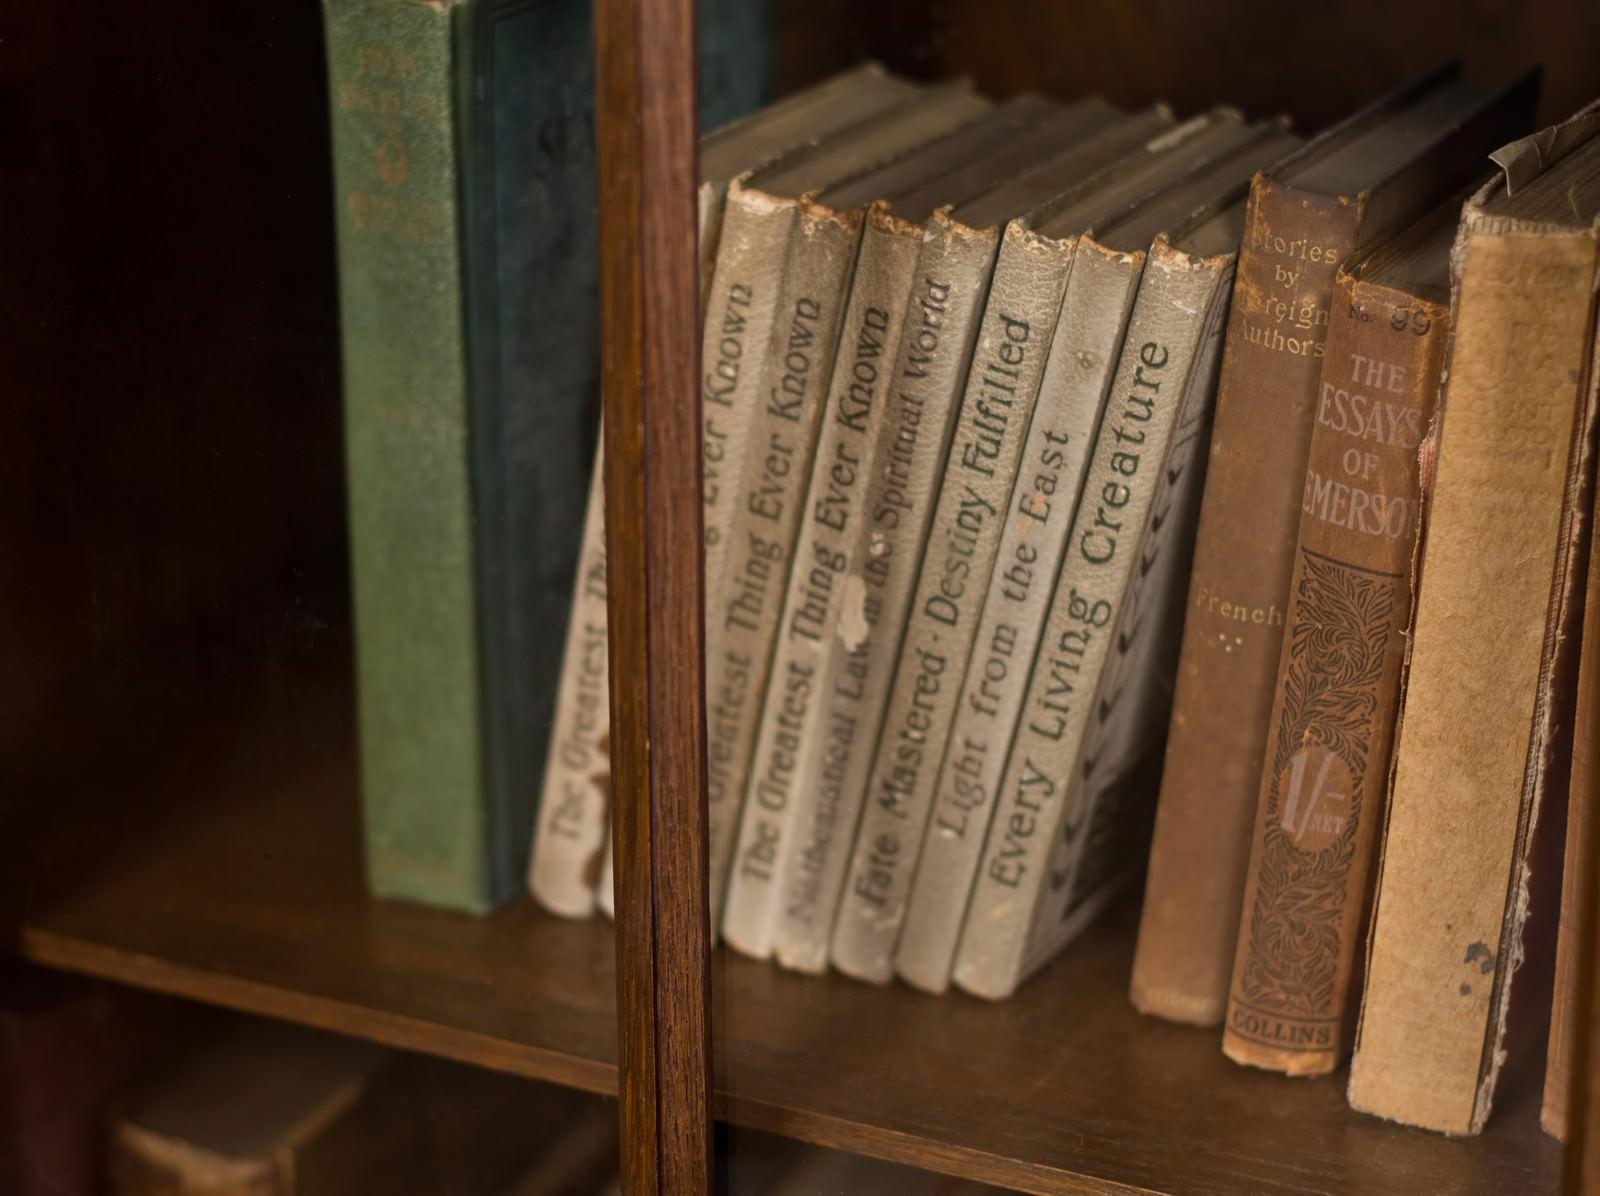 「本棚に置かれた洋書本棚に置かれた洋書」のフリー写真素材を拡大